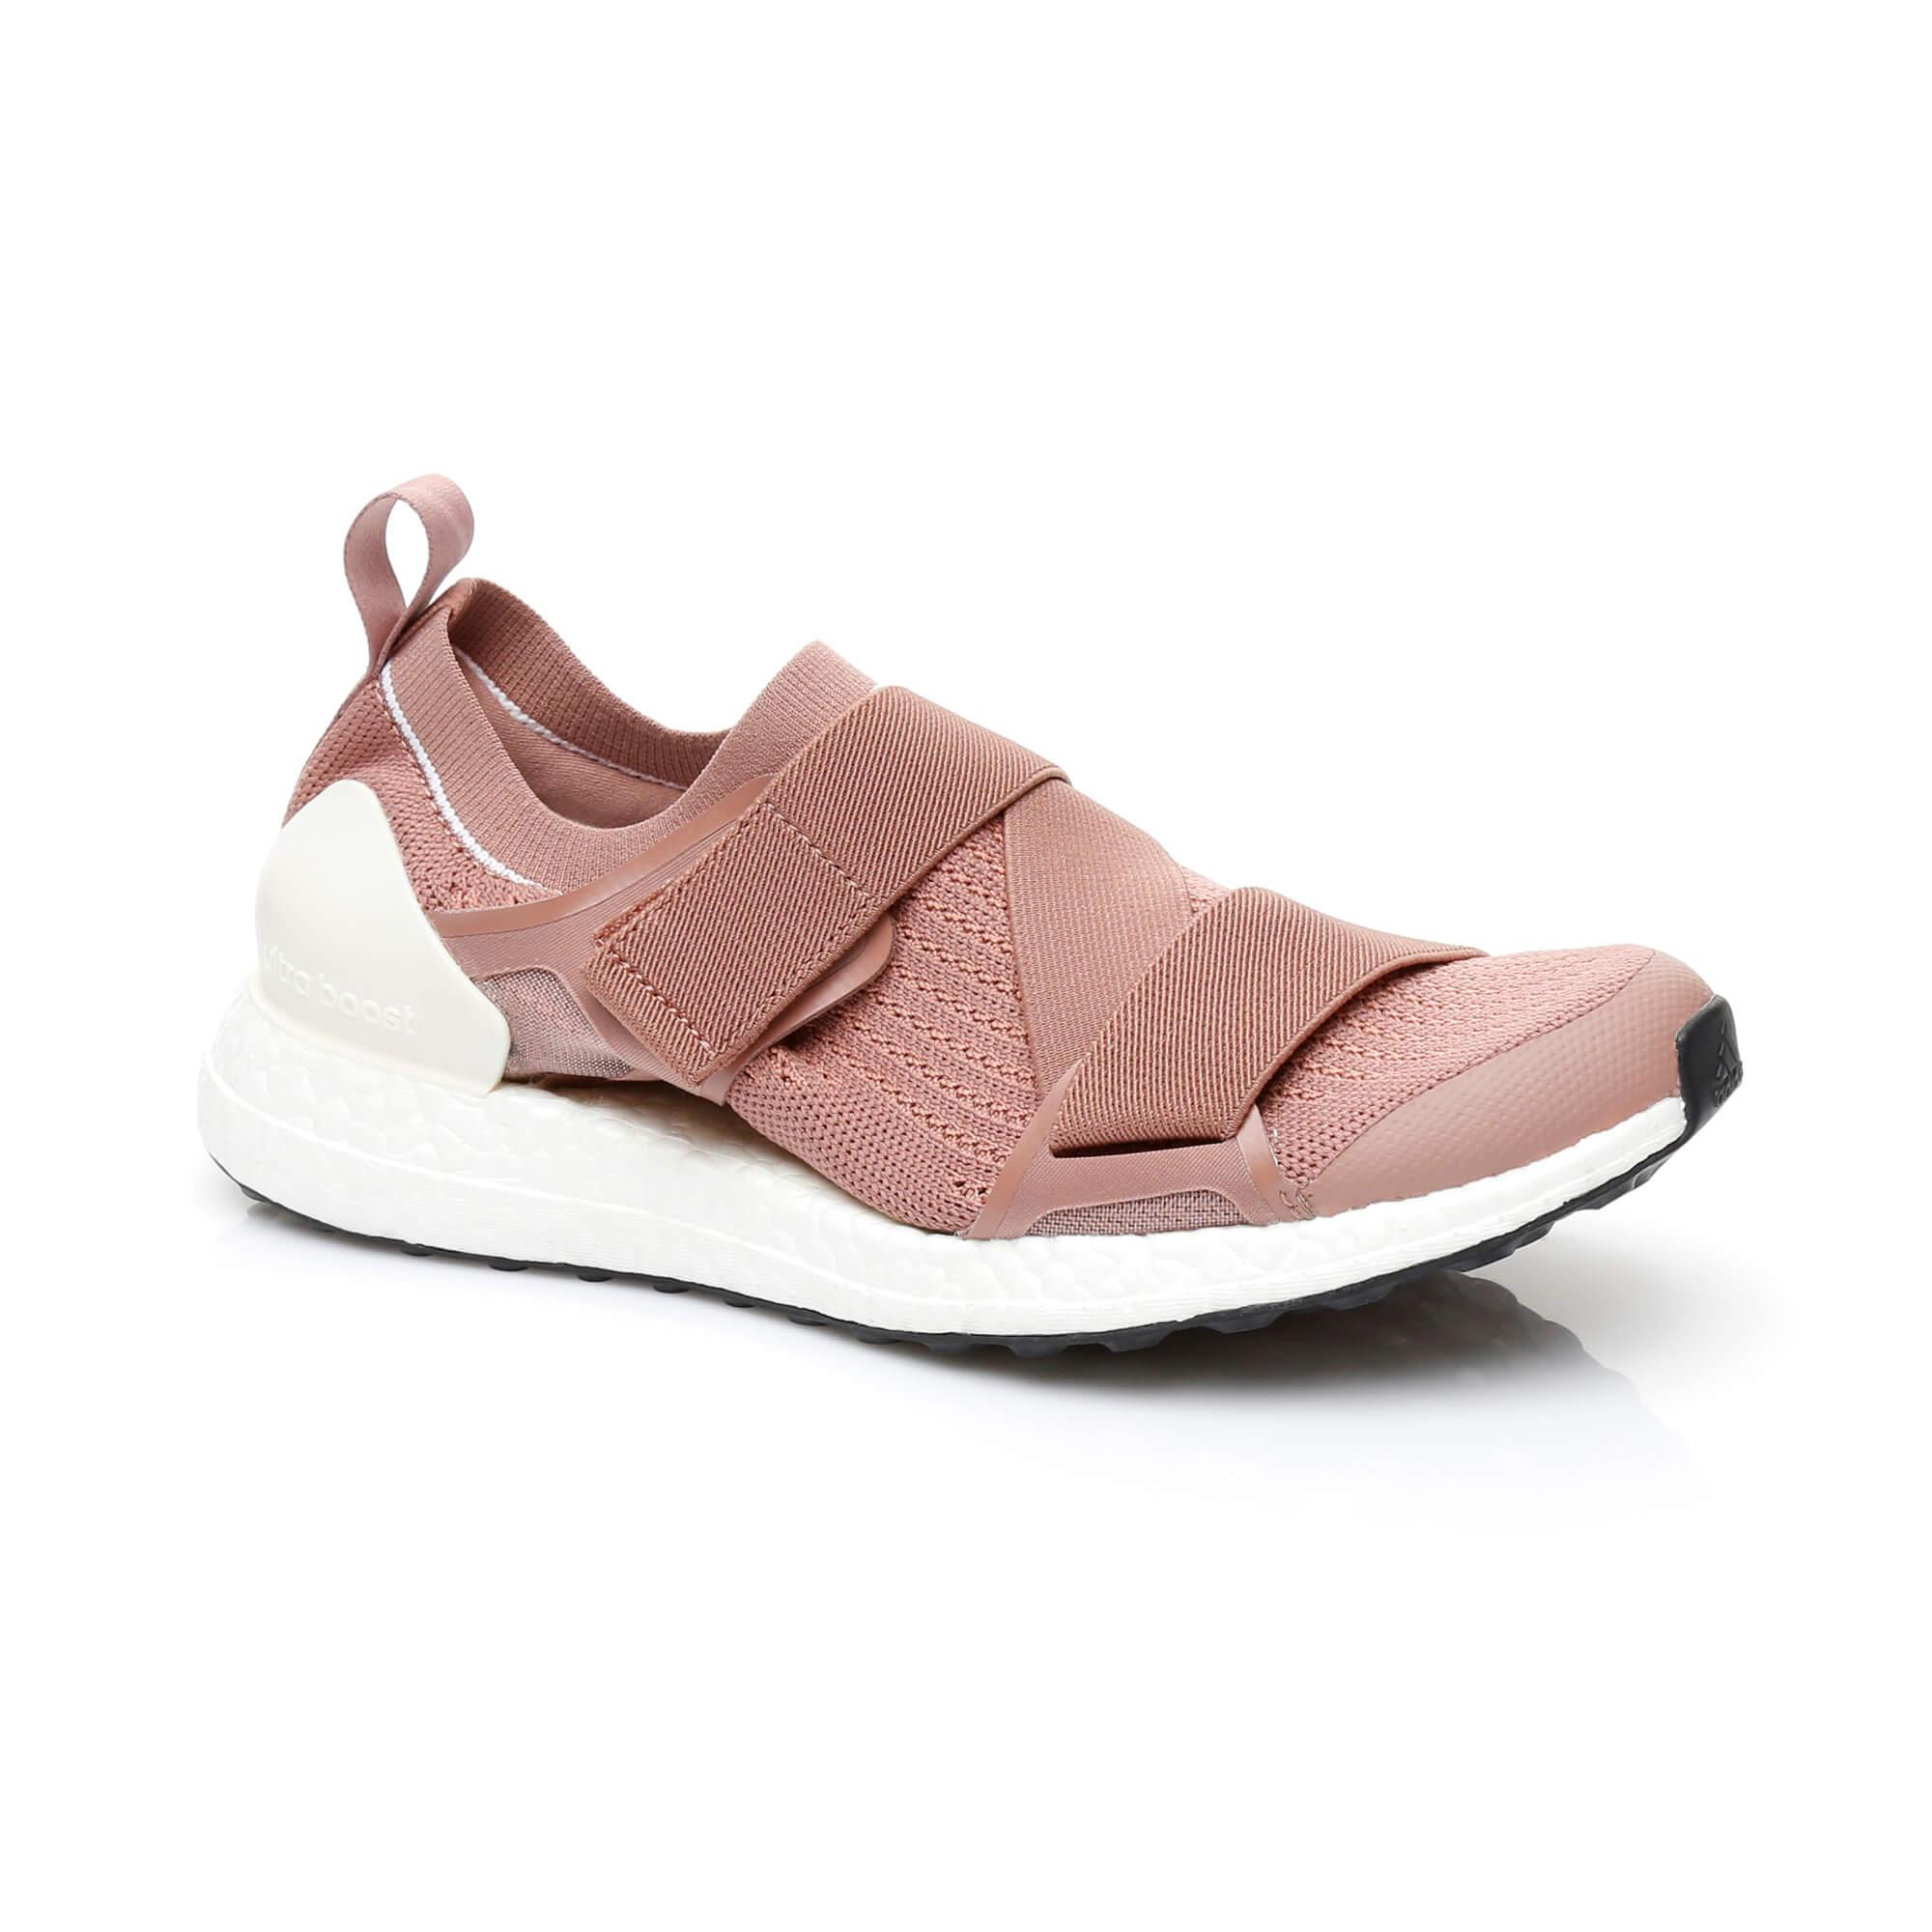 adidas Ultraboost X Stella Mc Cartney Kadın Pembe Spor Ayakkabı